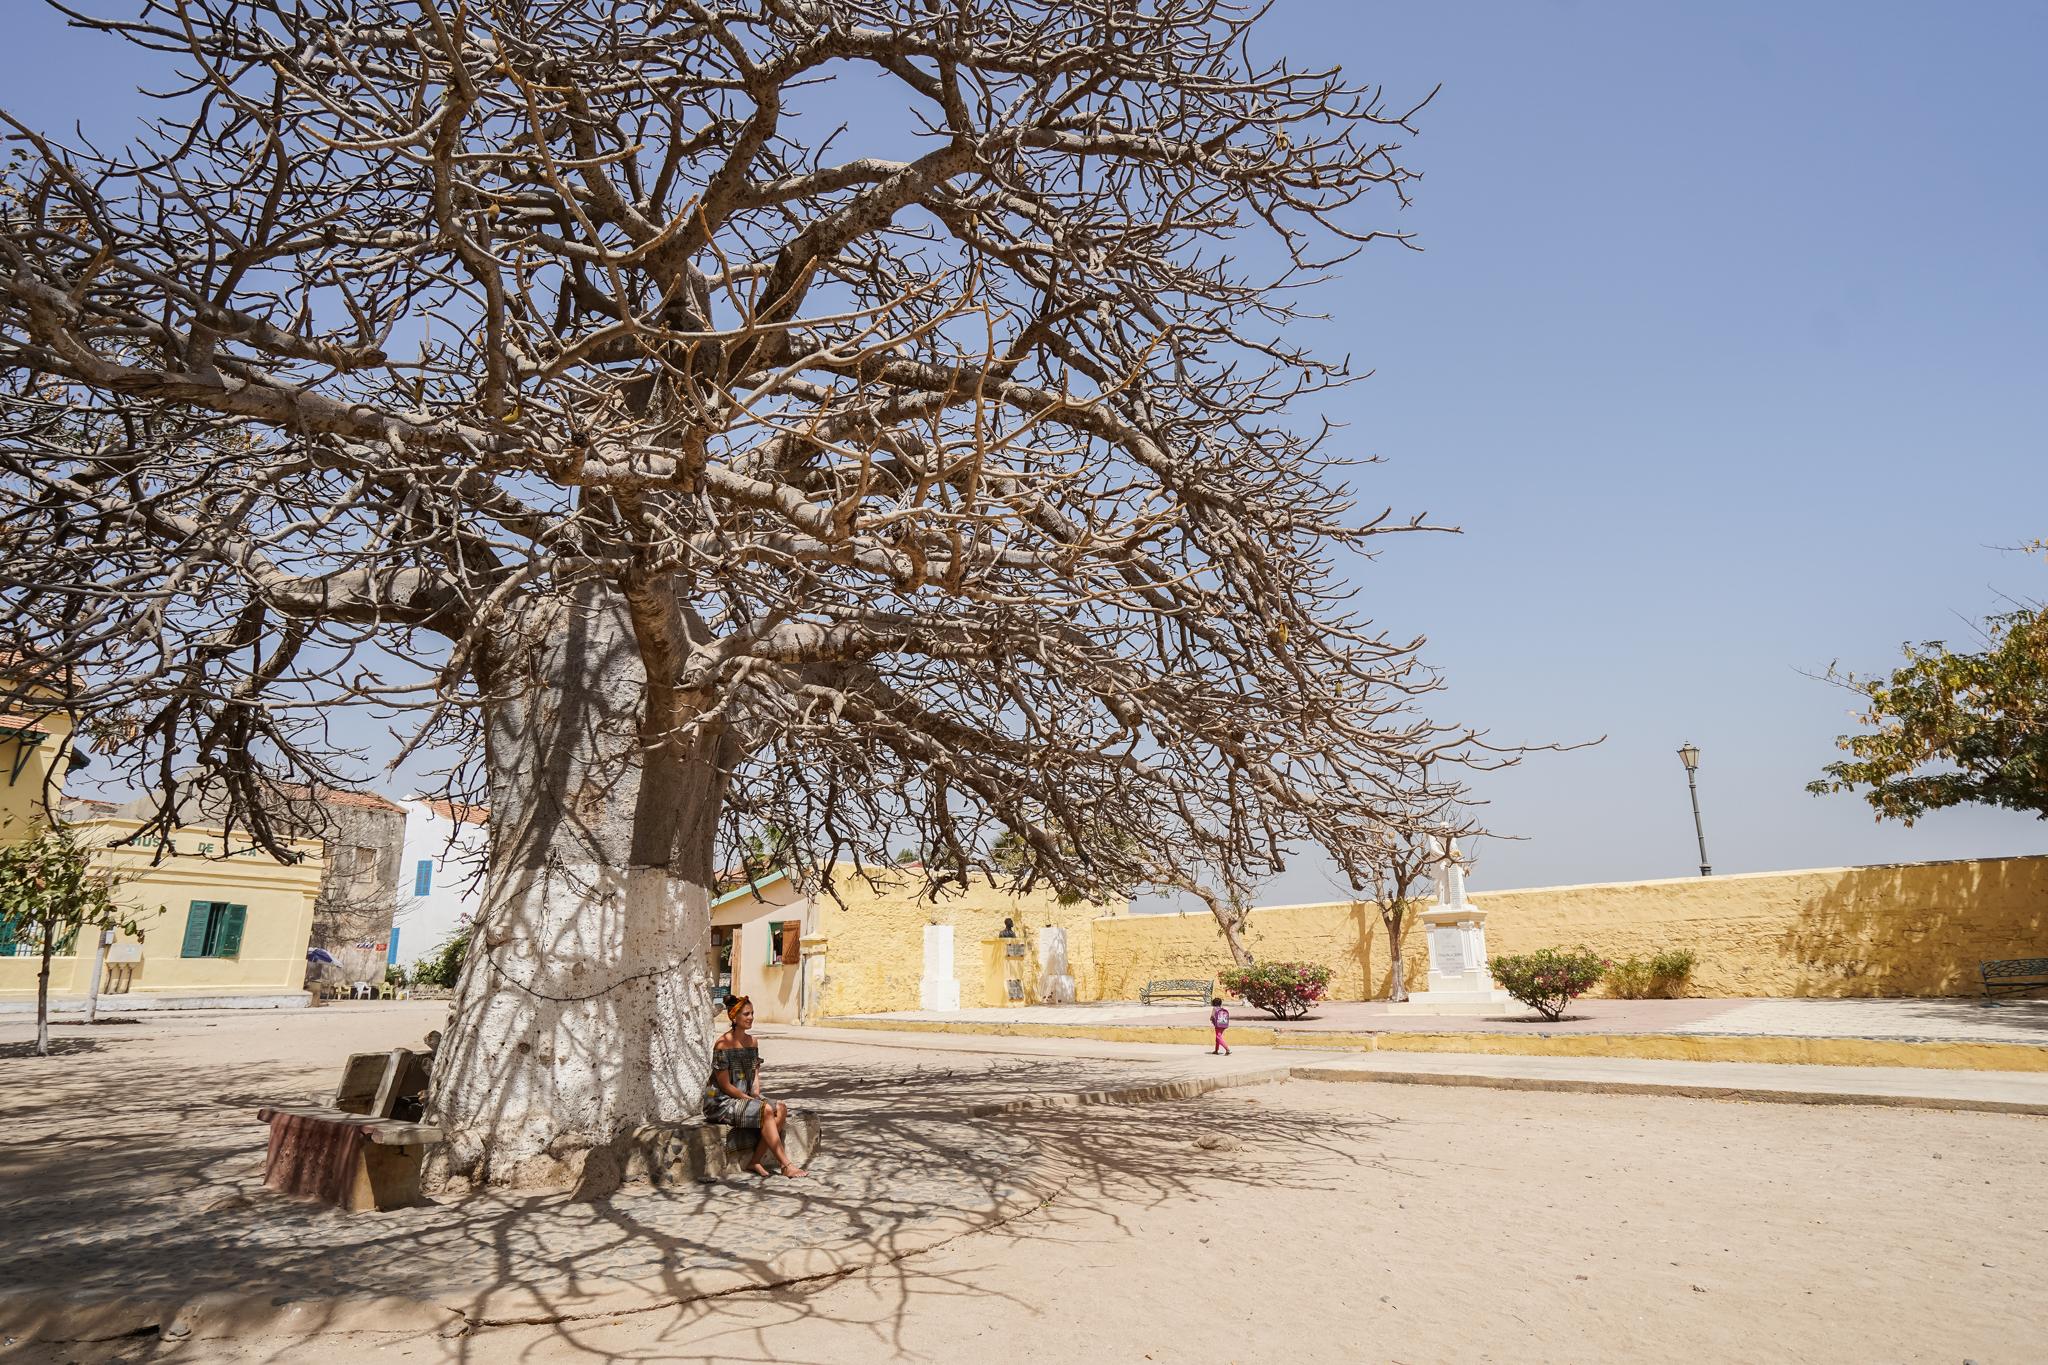 ile-gorée-senegal-voyage-visite-maison-esclave